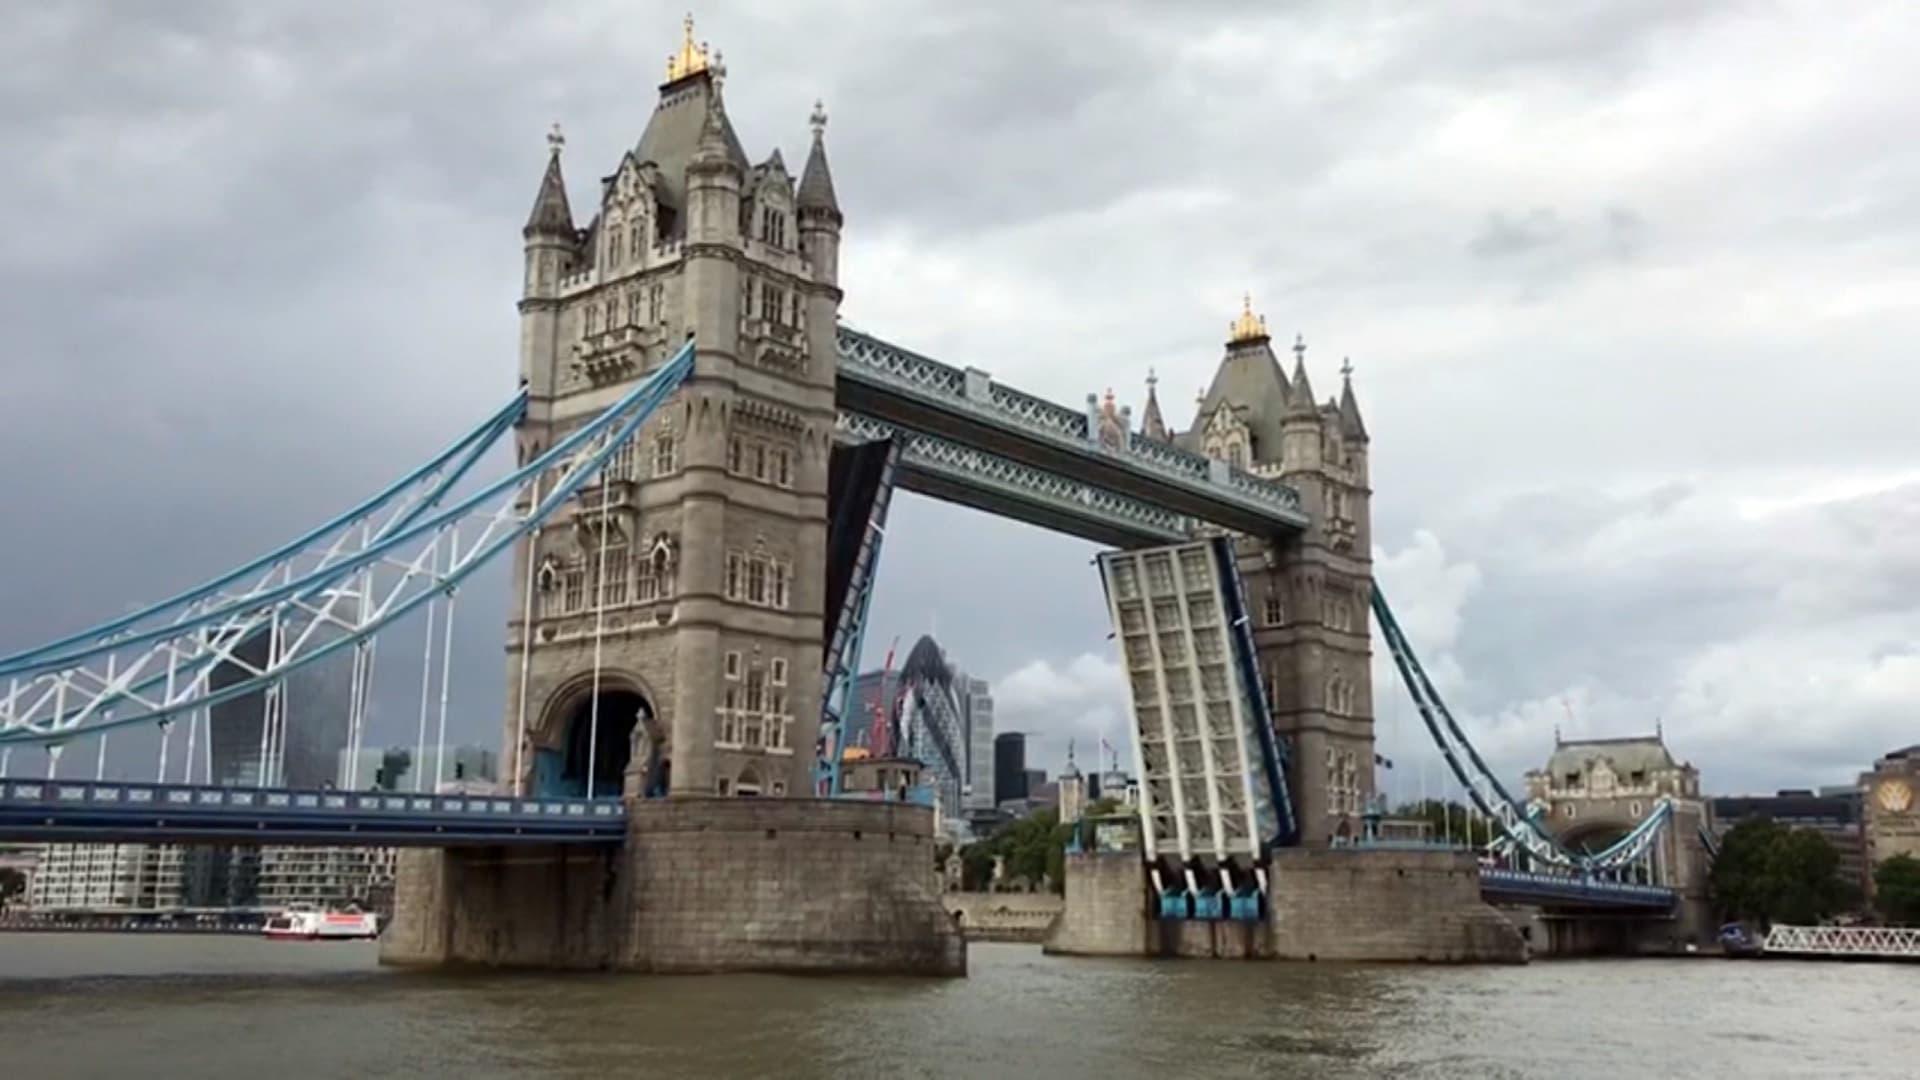 طوابير من السيارات والمشاة.. خلل فني يتسبب بترك جسر لندن الشهير عالقًا دون إغلاق